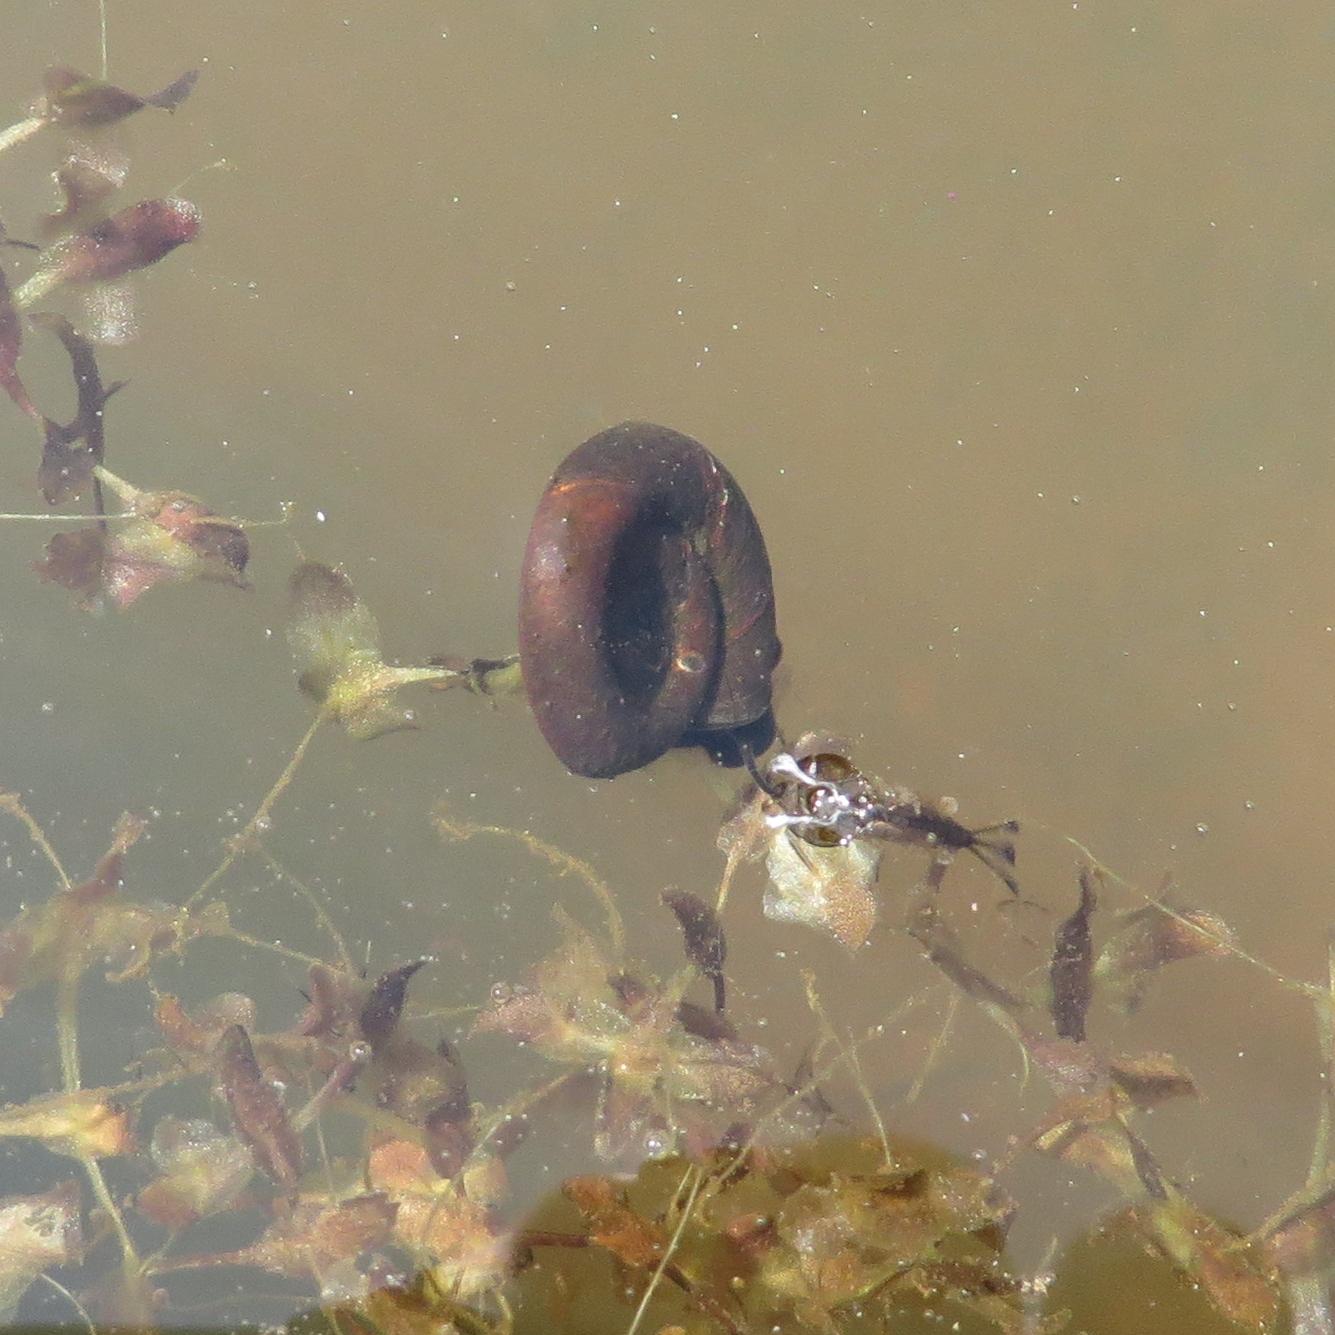 Gewone posthoornslak (Planorbis planorbis)